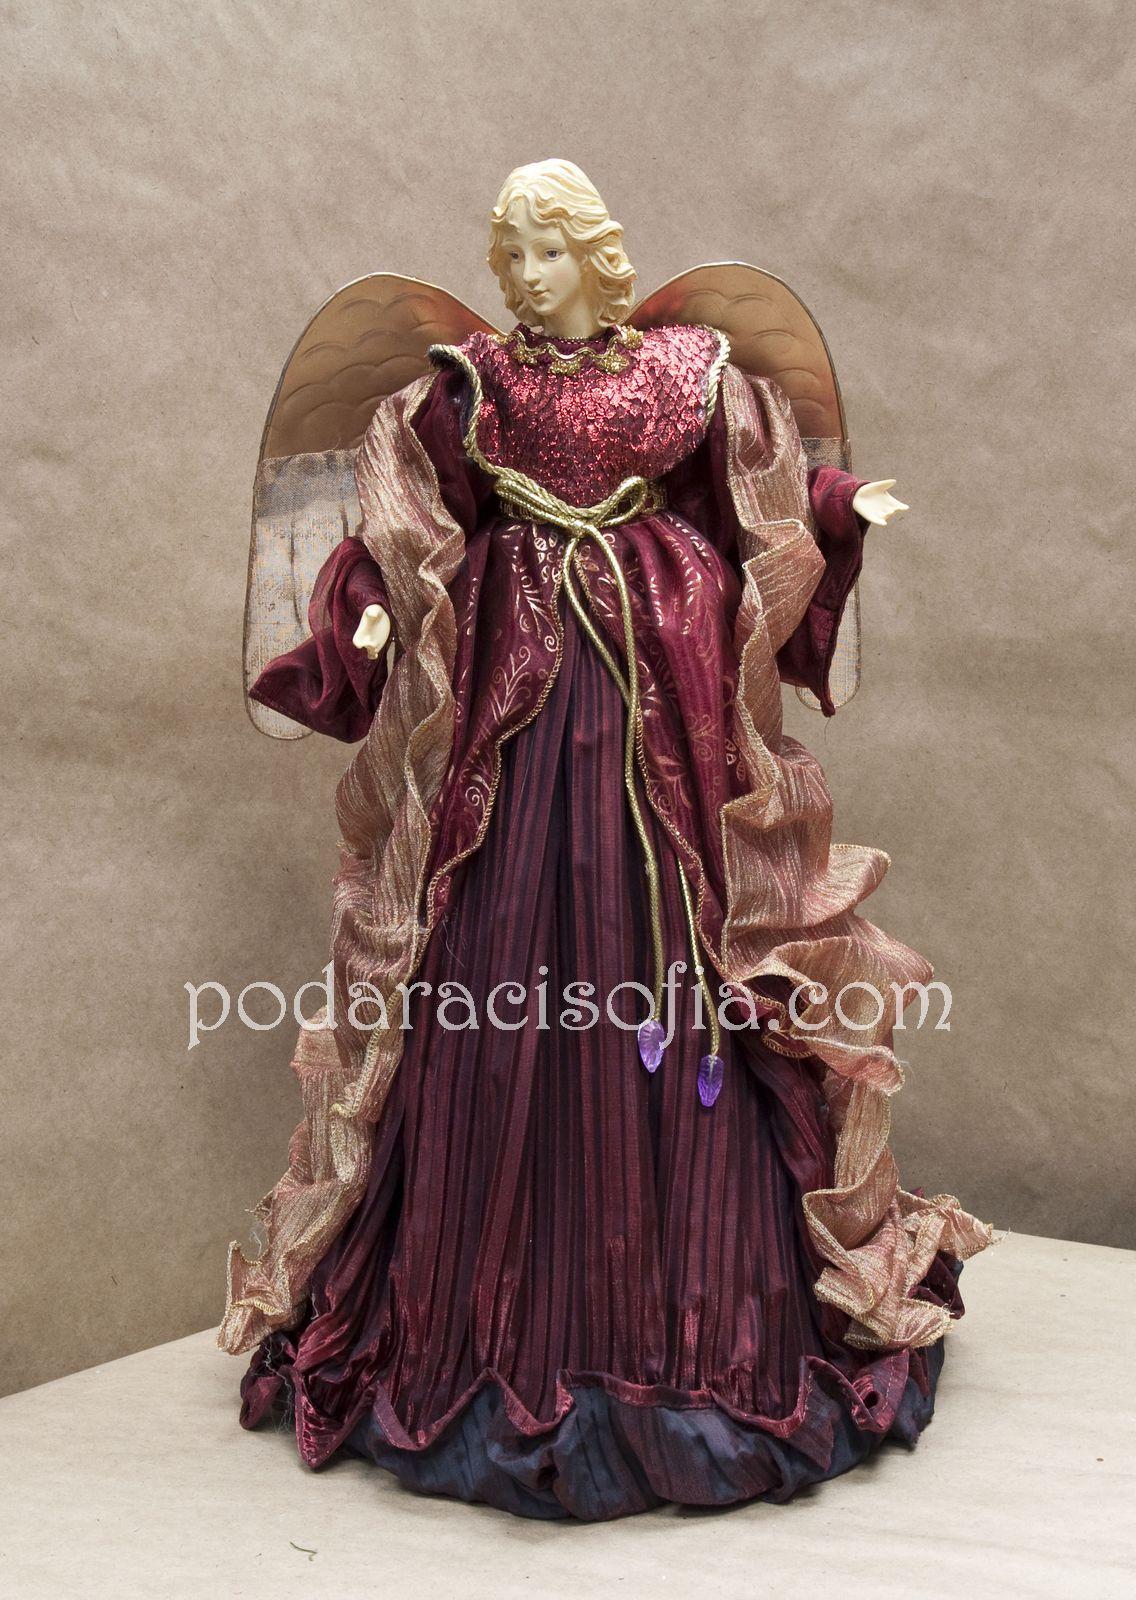 Изящна коледна украса Фигура на ангел от магазин за подаръци Gifts